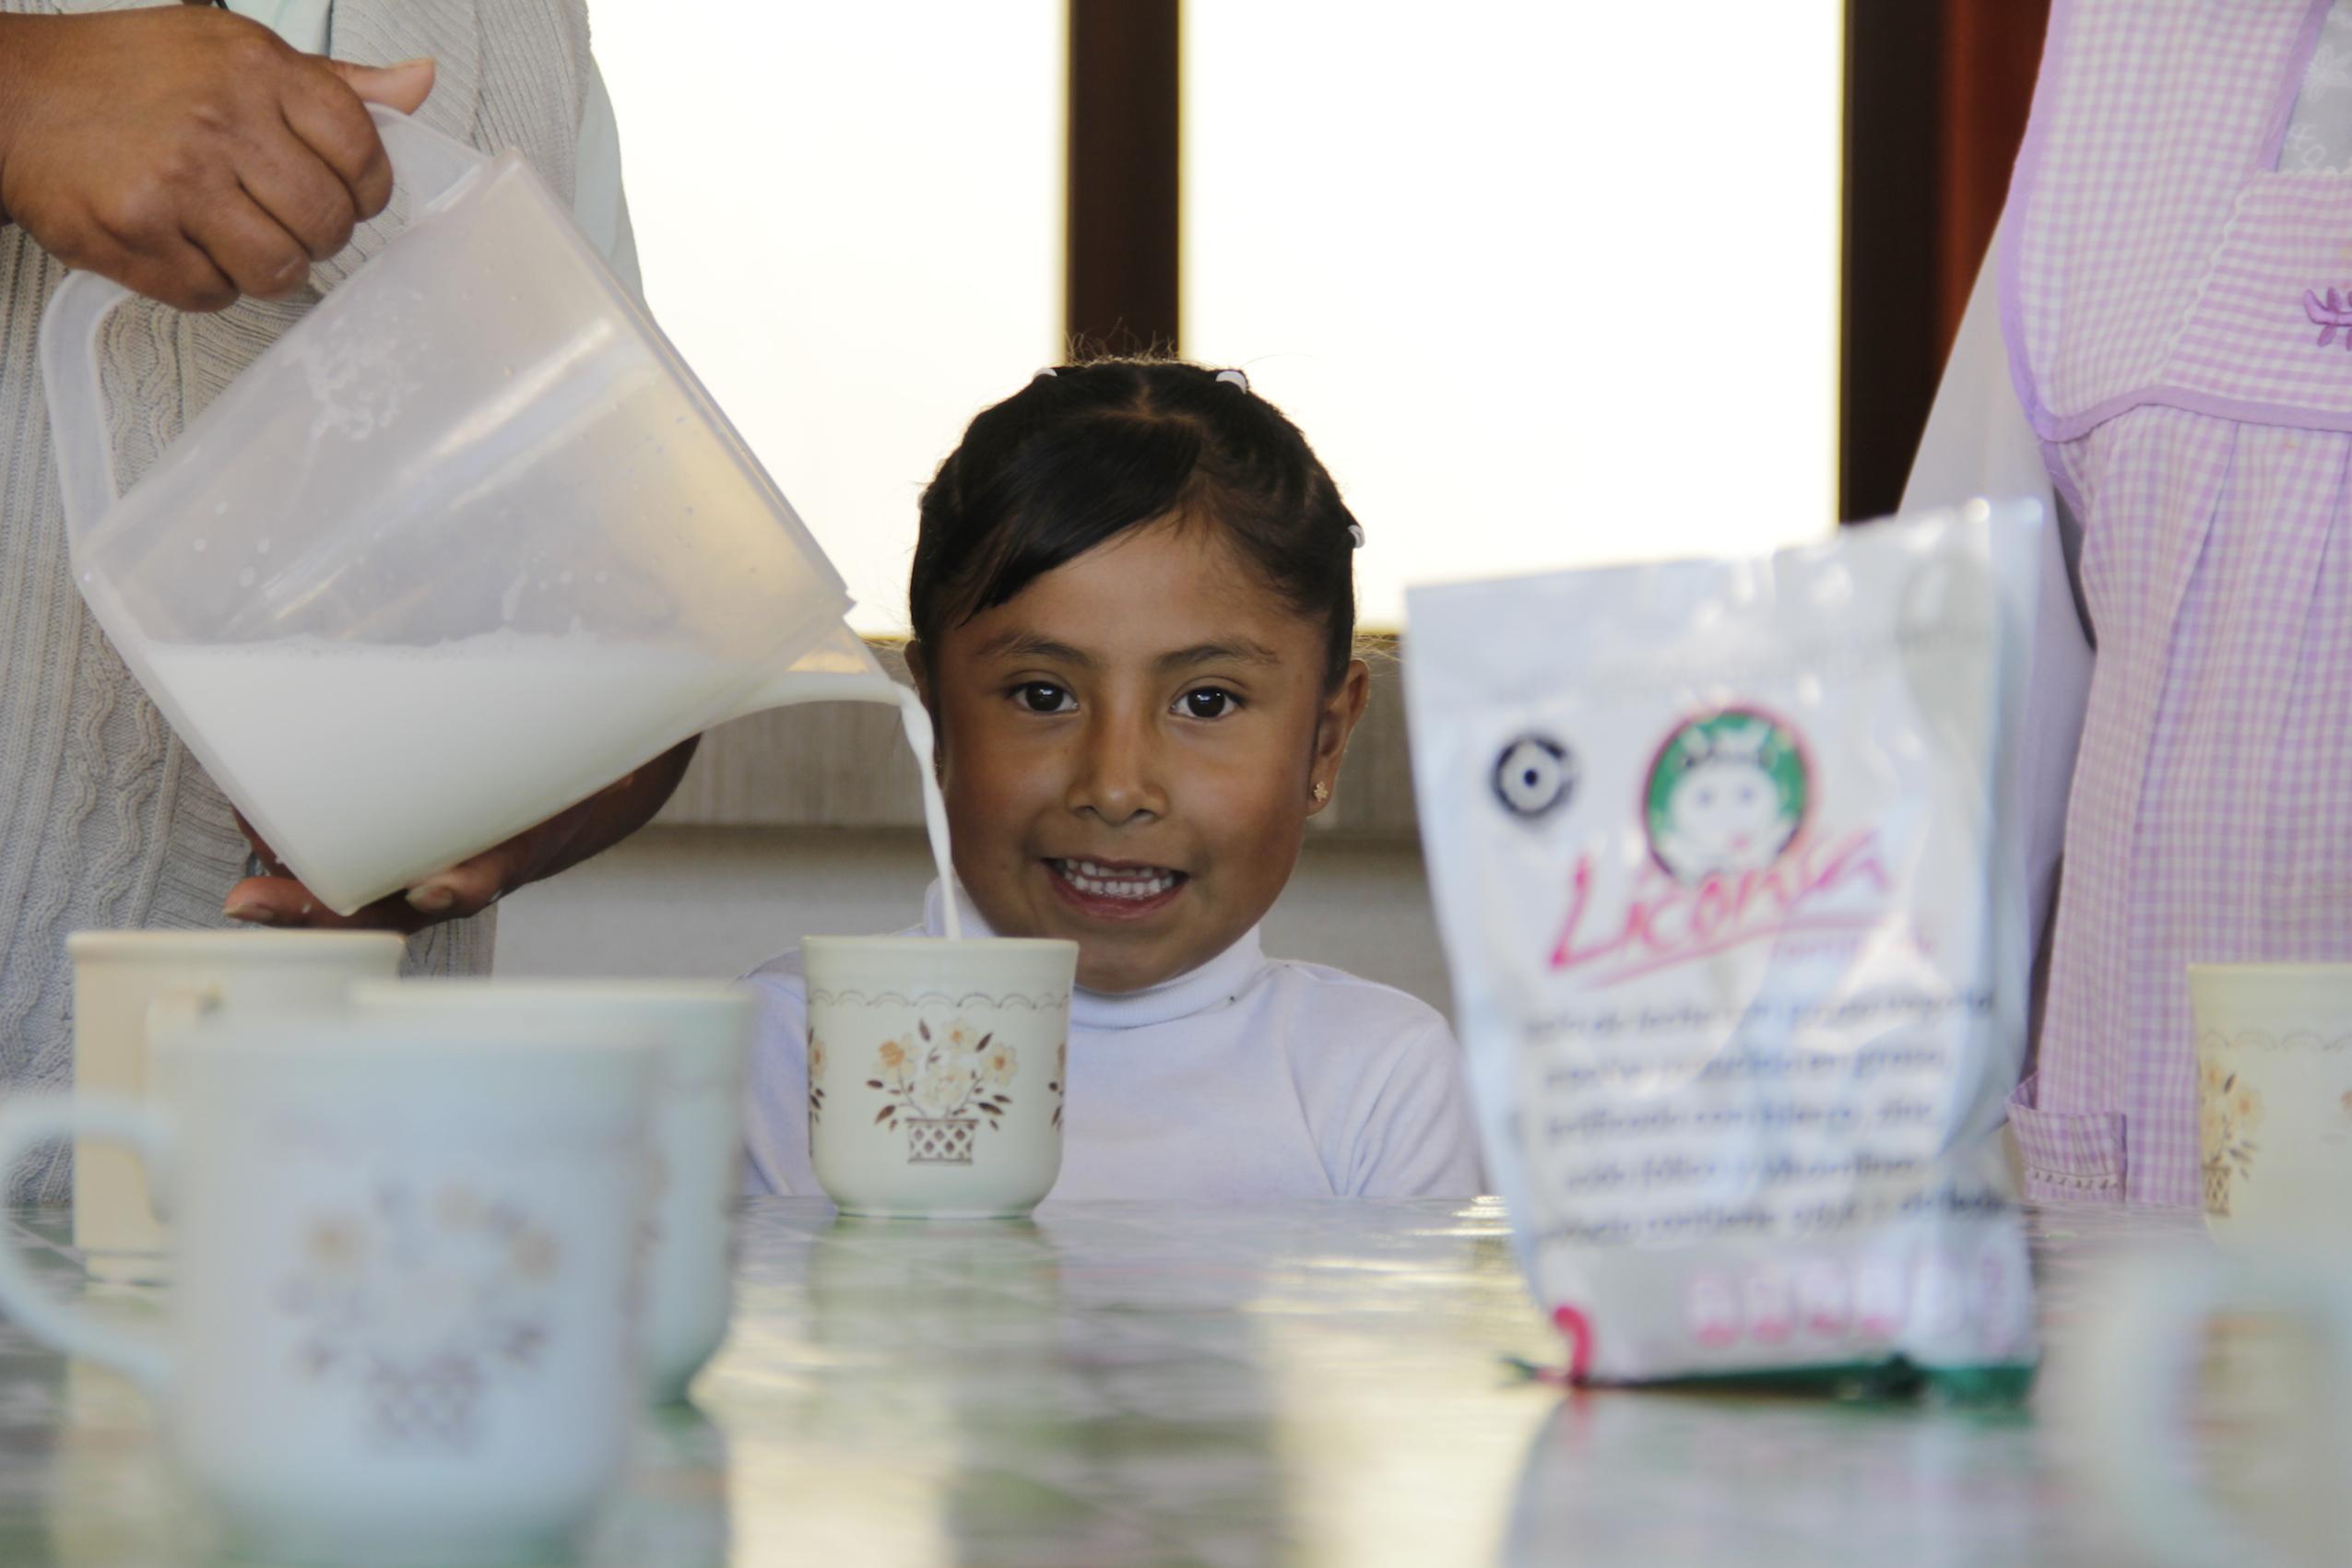 """A un año y medio de haberse iniciado, la estrategia """"A peso el litro"""" de Liconsa, incrementó su distribución de leche fortificada al pasar de 182 mil 928 litros mensuales en 2016 a un millón 263 mil 944 litros mensuales en 2017."""